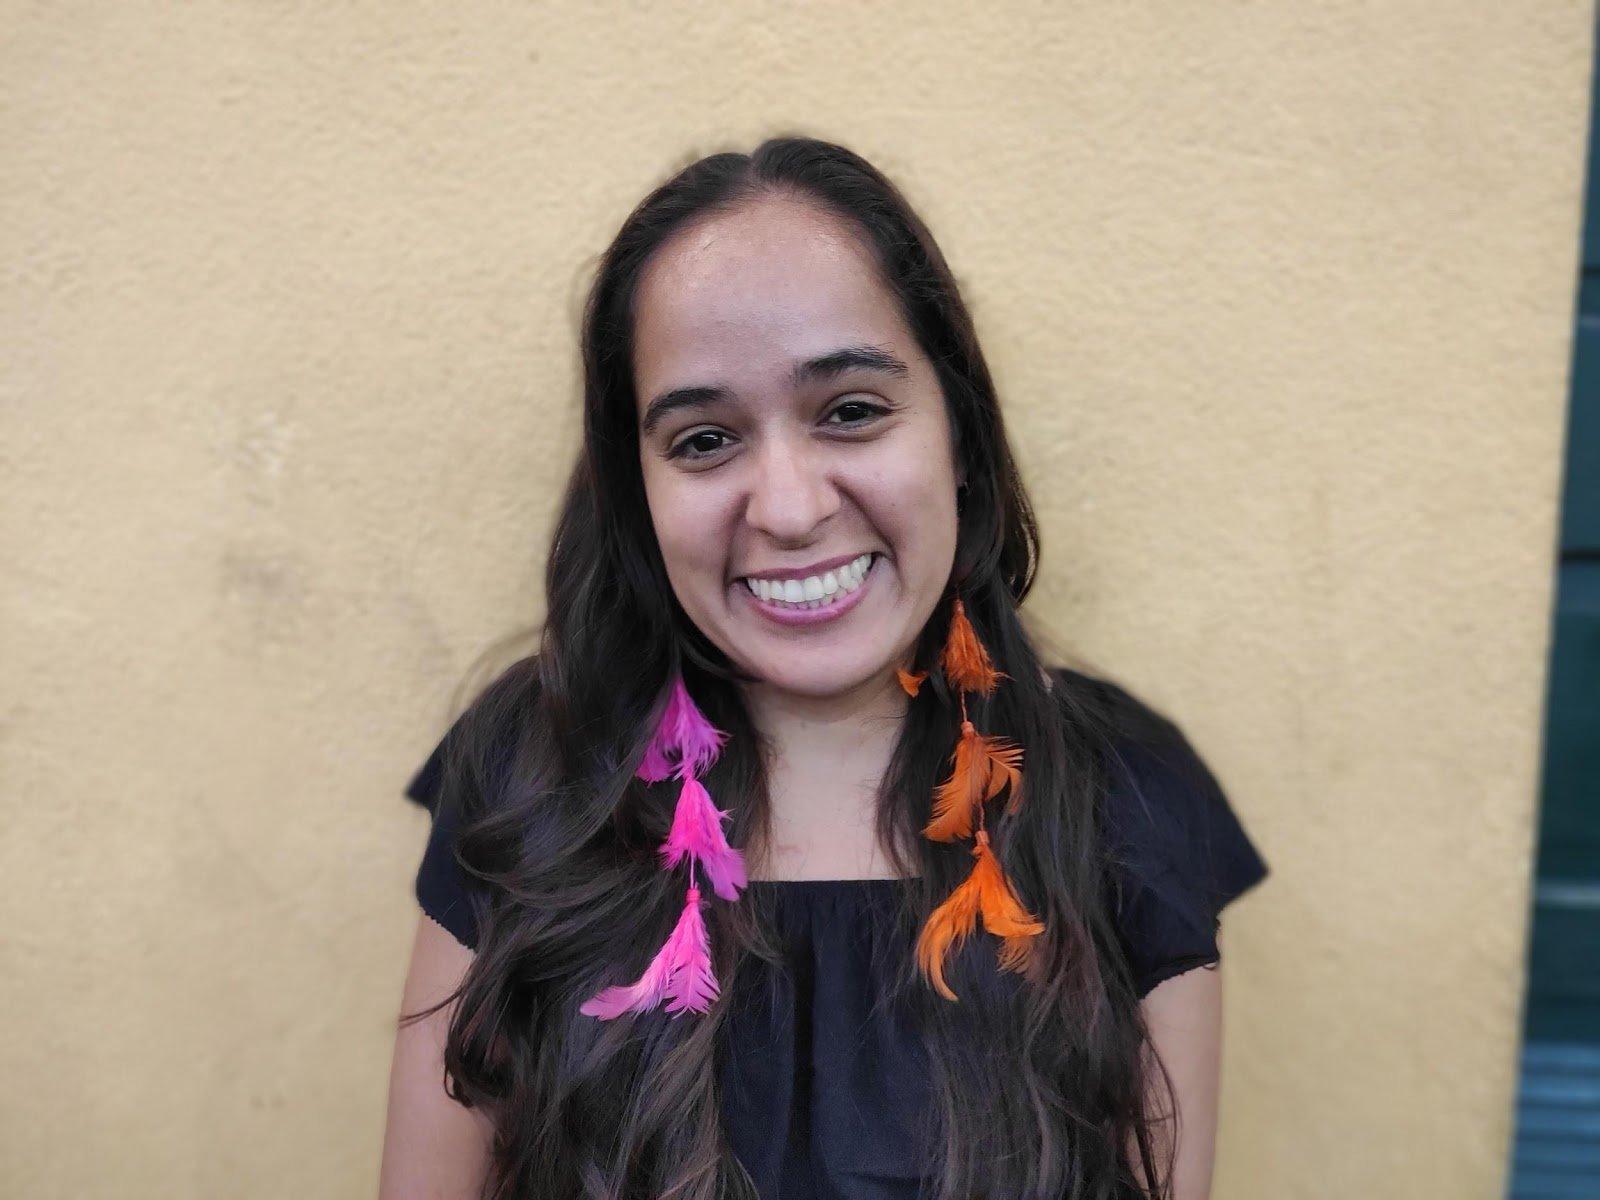 Geni Núñes,- mulher, de cabelo ondulado e longo, usando brinco de penas e camiseta preta- em pé sorrindo